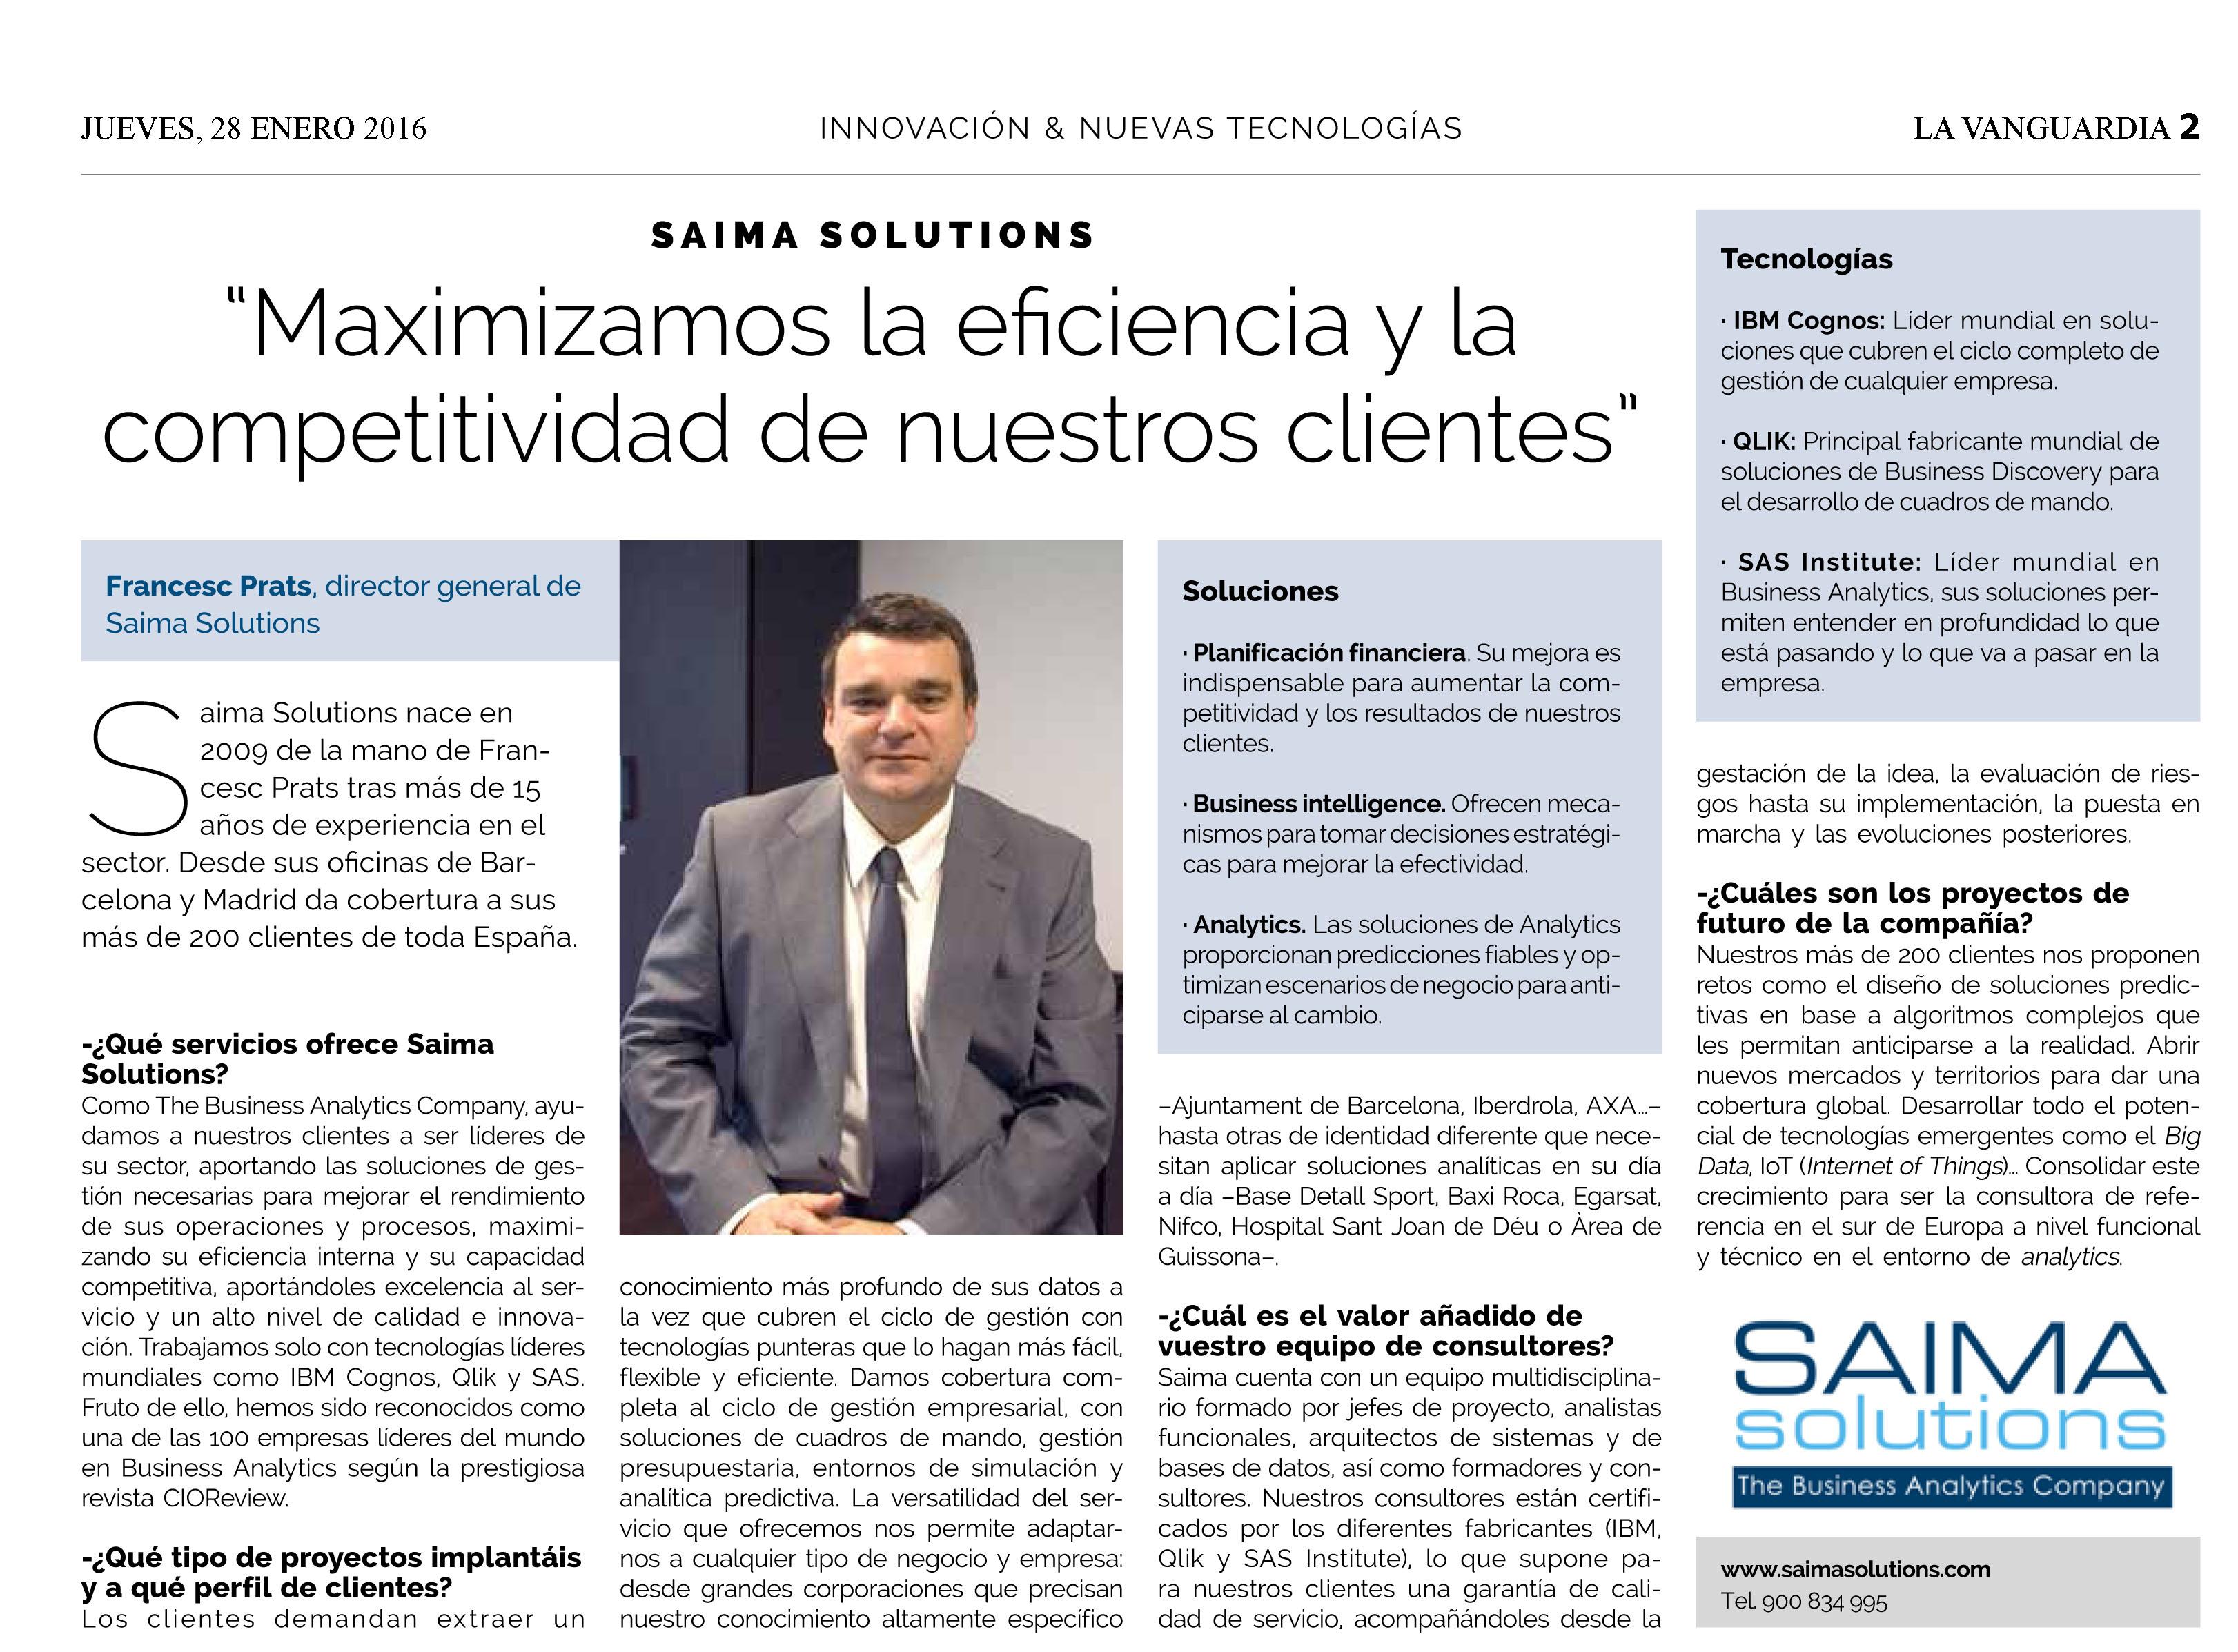 La Vanguardia entrevista a Francisco Prats para conocer mejor a Saima Solutions